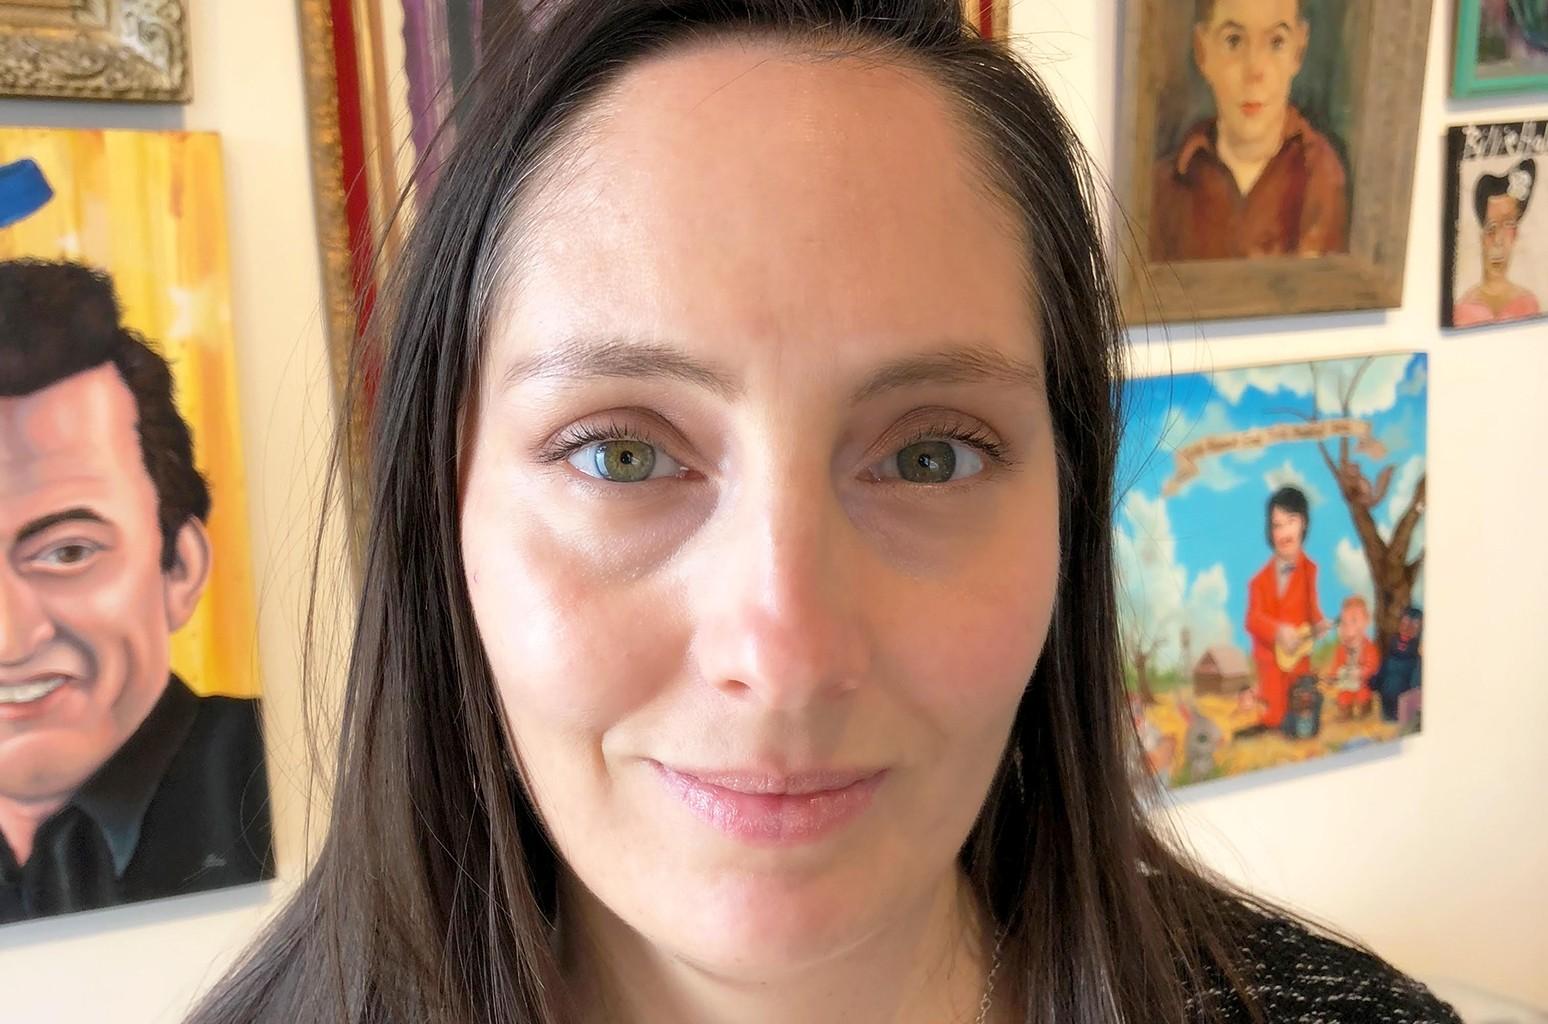 Jennifer Sarkissian